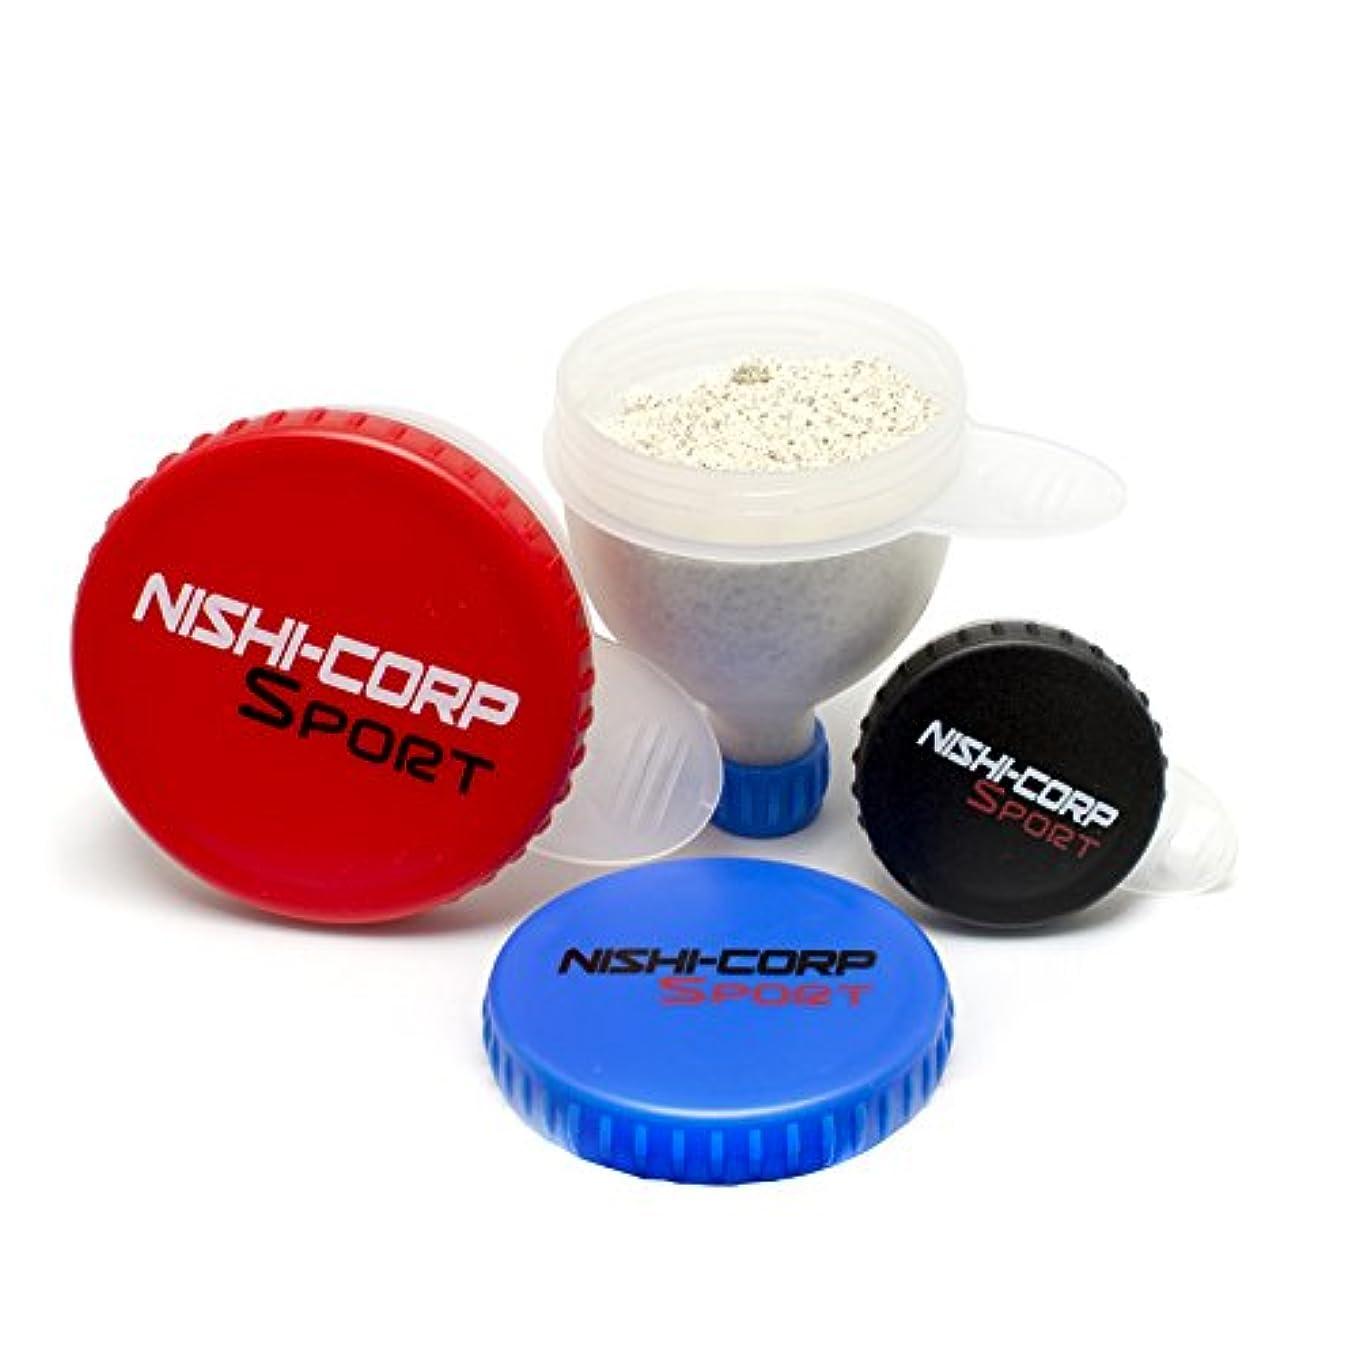 乱れモデレータ笑NISHI-CORP ファンネル 3サイズセット (プロテインサプリメント携帯容器)